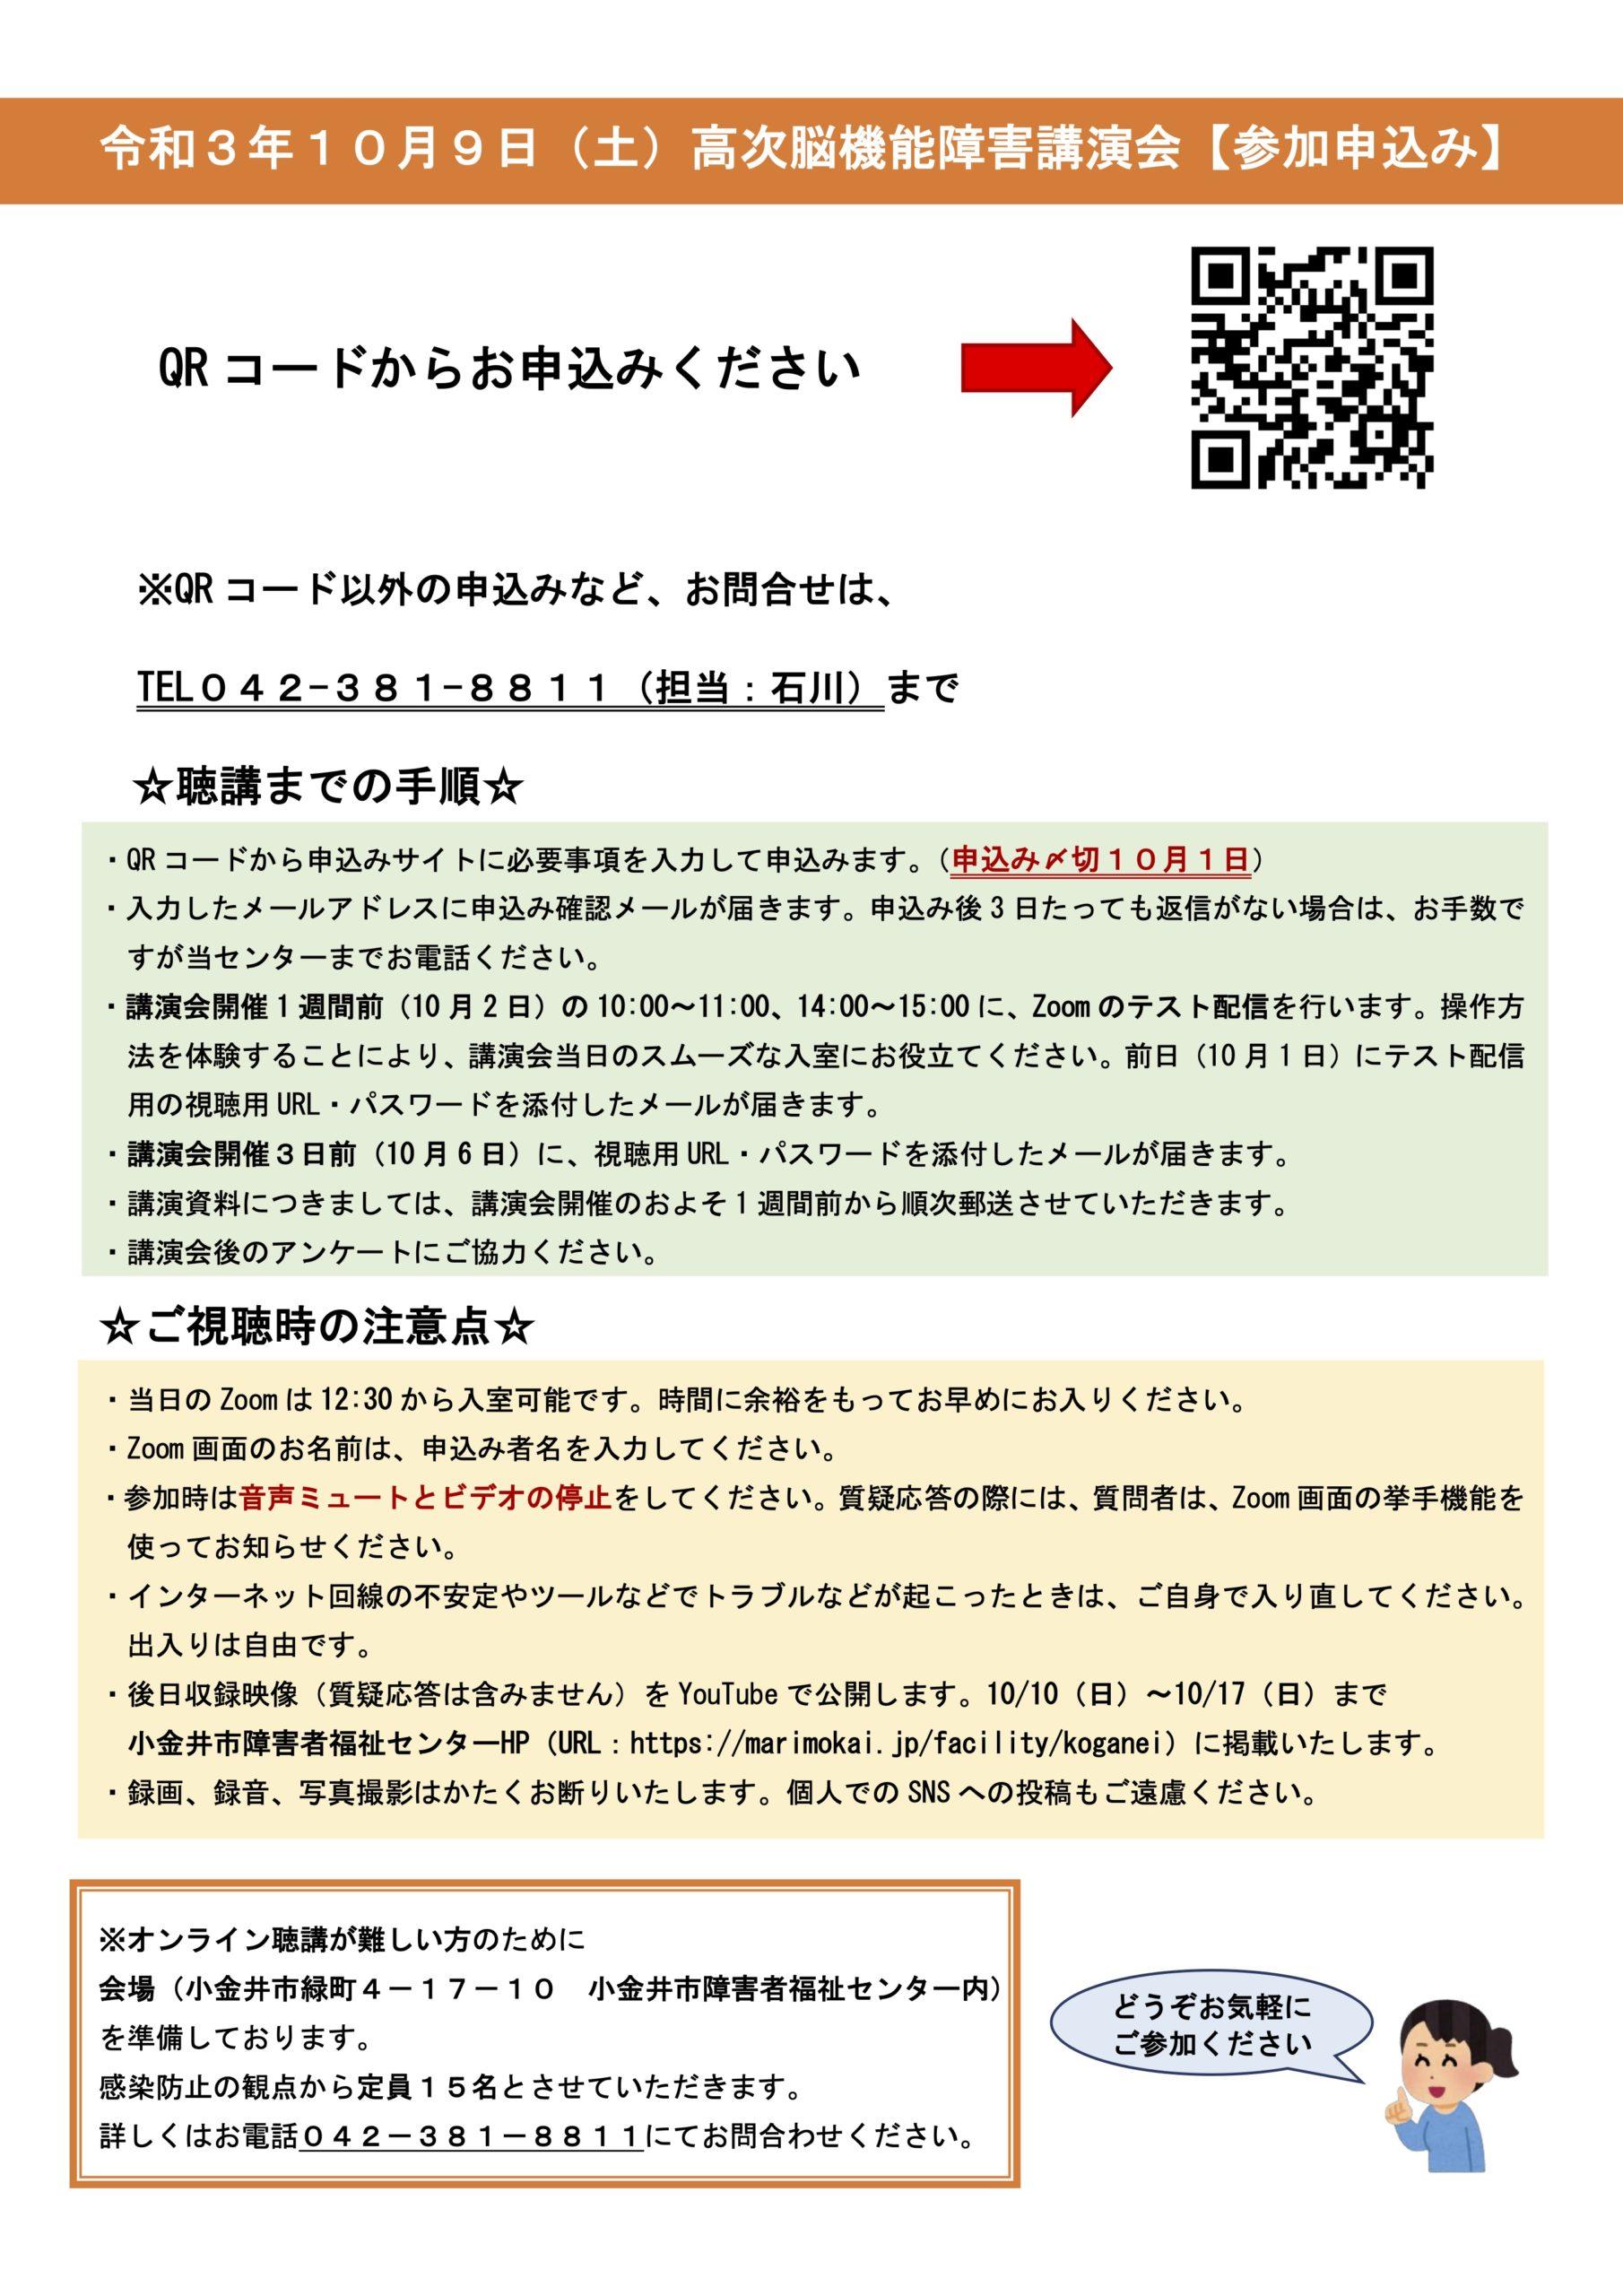 小金井市障害者地域自立生活支援センター・チラシ(裏)